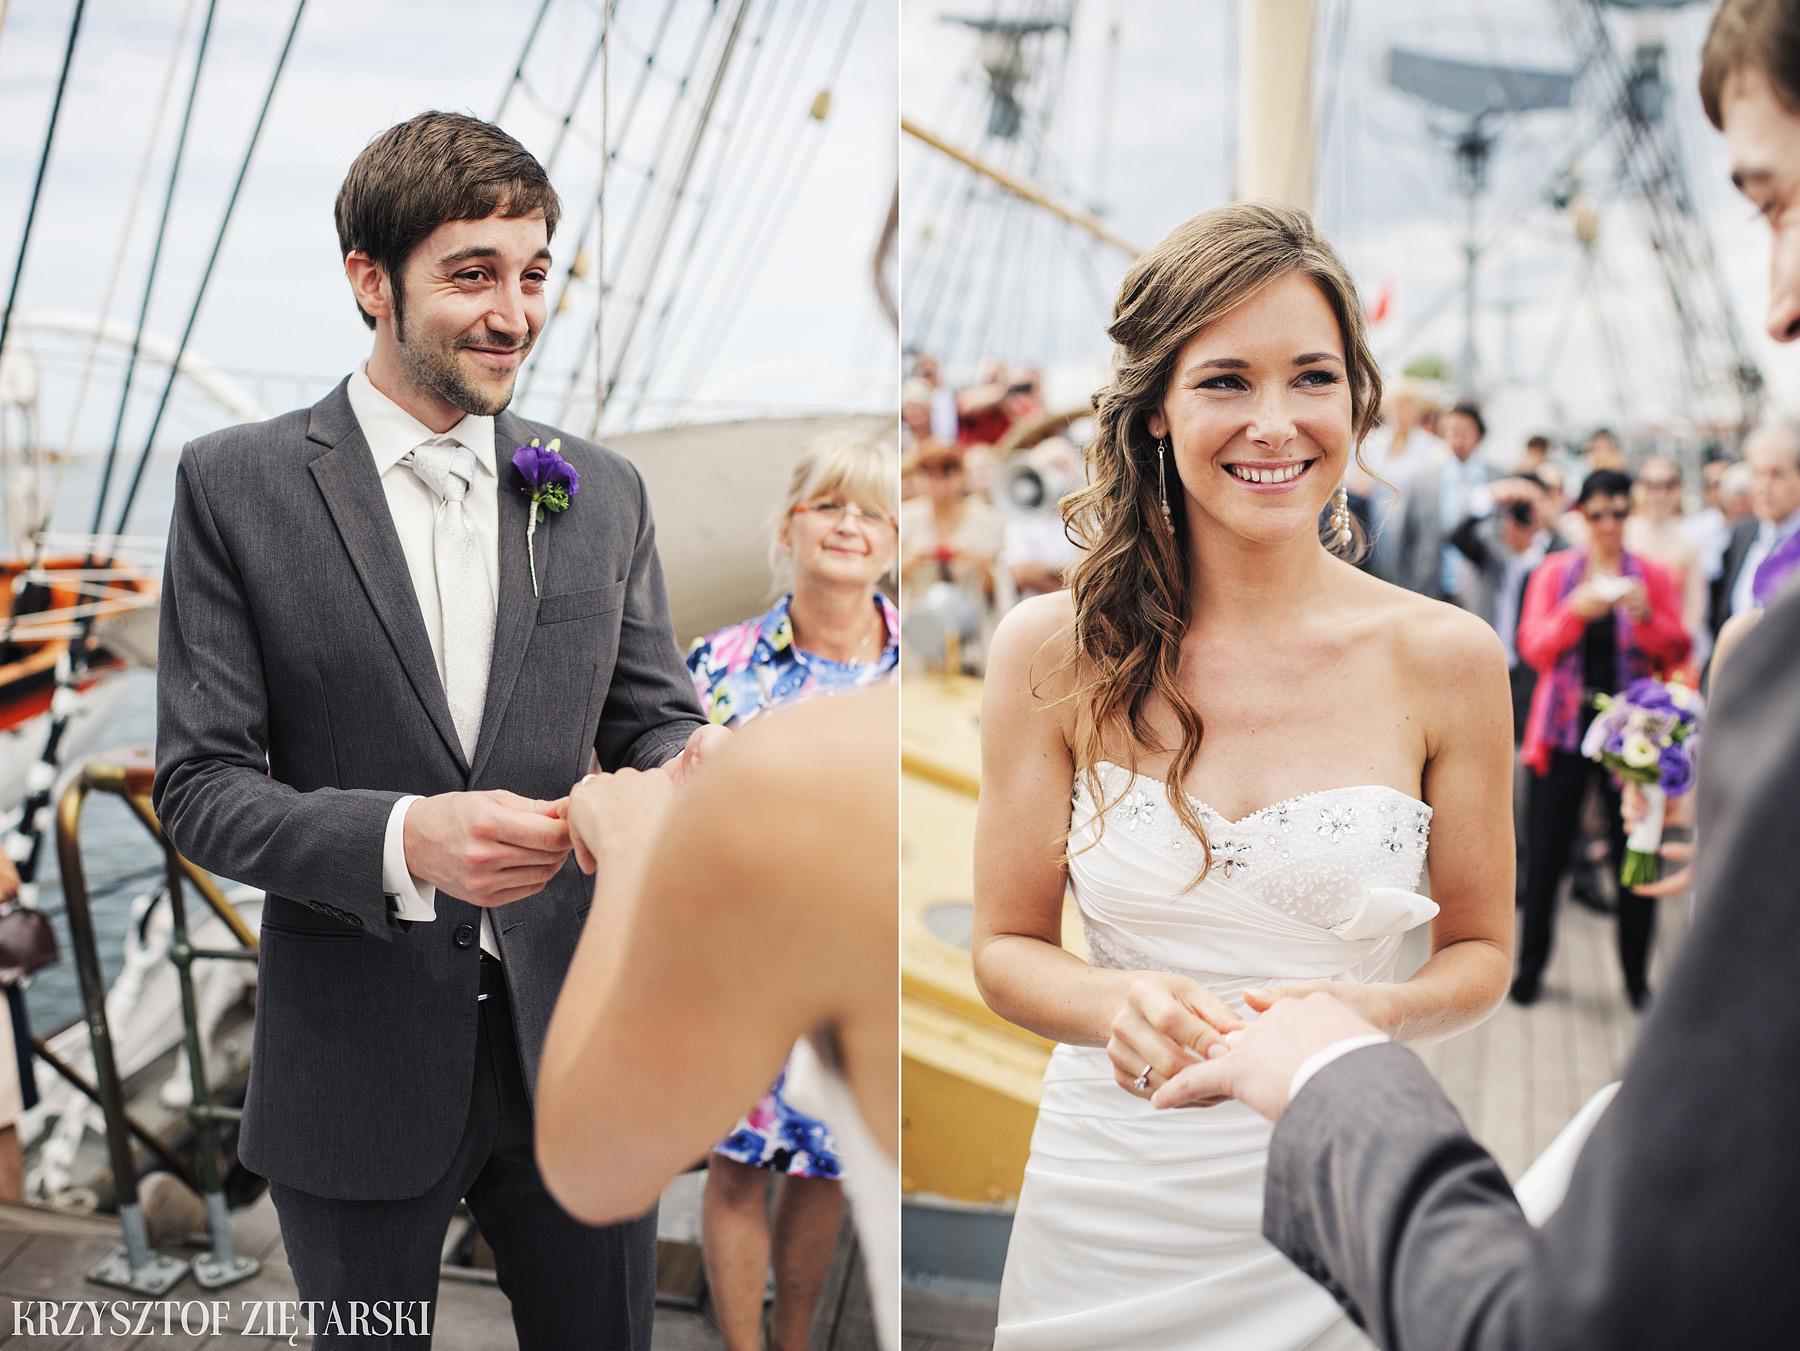 Gosia i Gabriele - Fotografia ślubna Gdynia - Dar Pomorza, Gościniec dla Przyjaciół Wyczechowo, Sea Towers - 22.